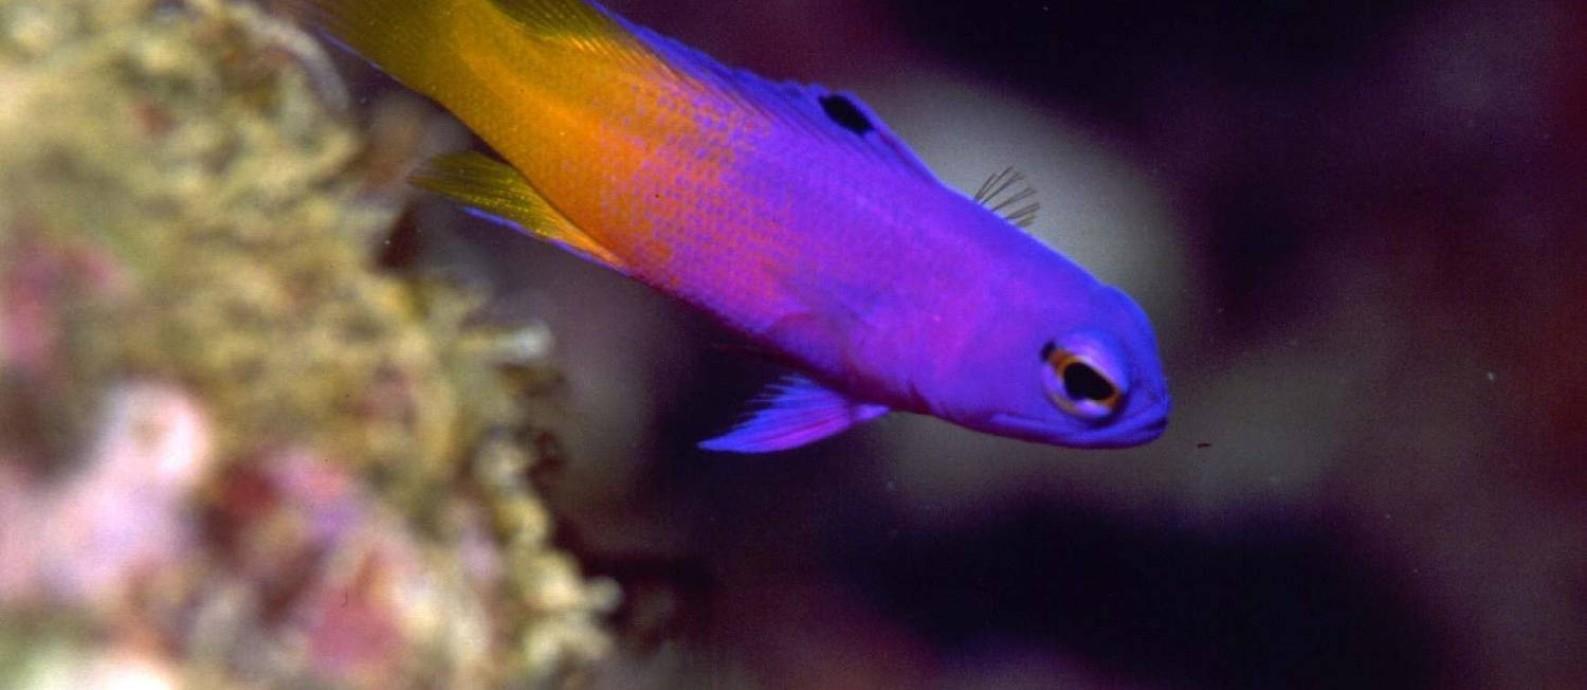 O loreto (Gramma brasiliensis), peixe encontrado apenas no litoral brasileiro: biodiversidade do Atlântico Sul está sendo explorada Foto: G. Allen / Divulgação/14-3-2006